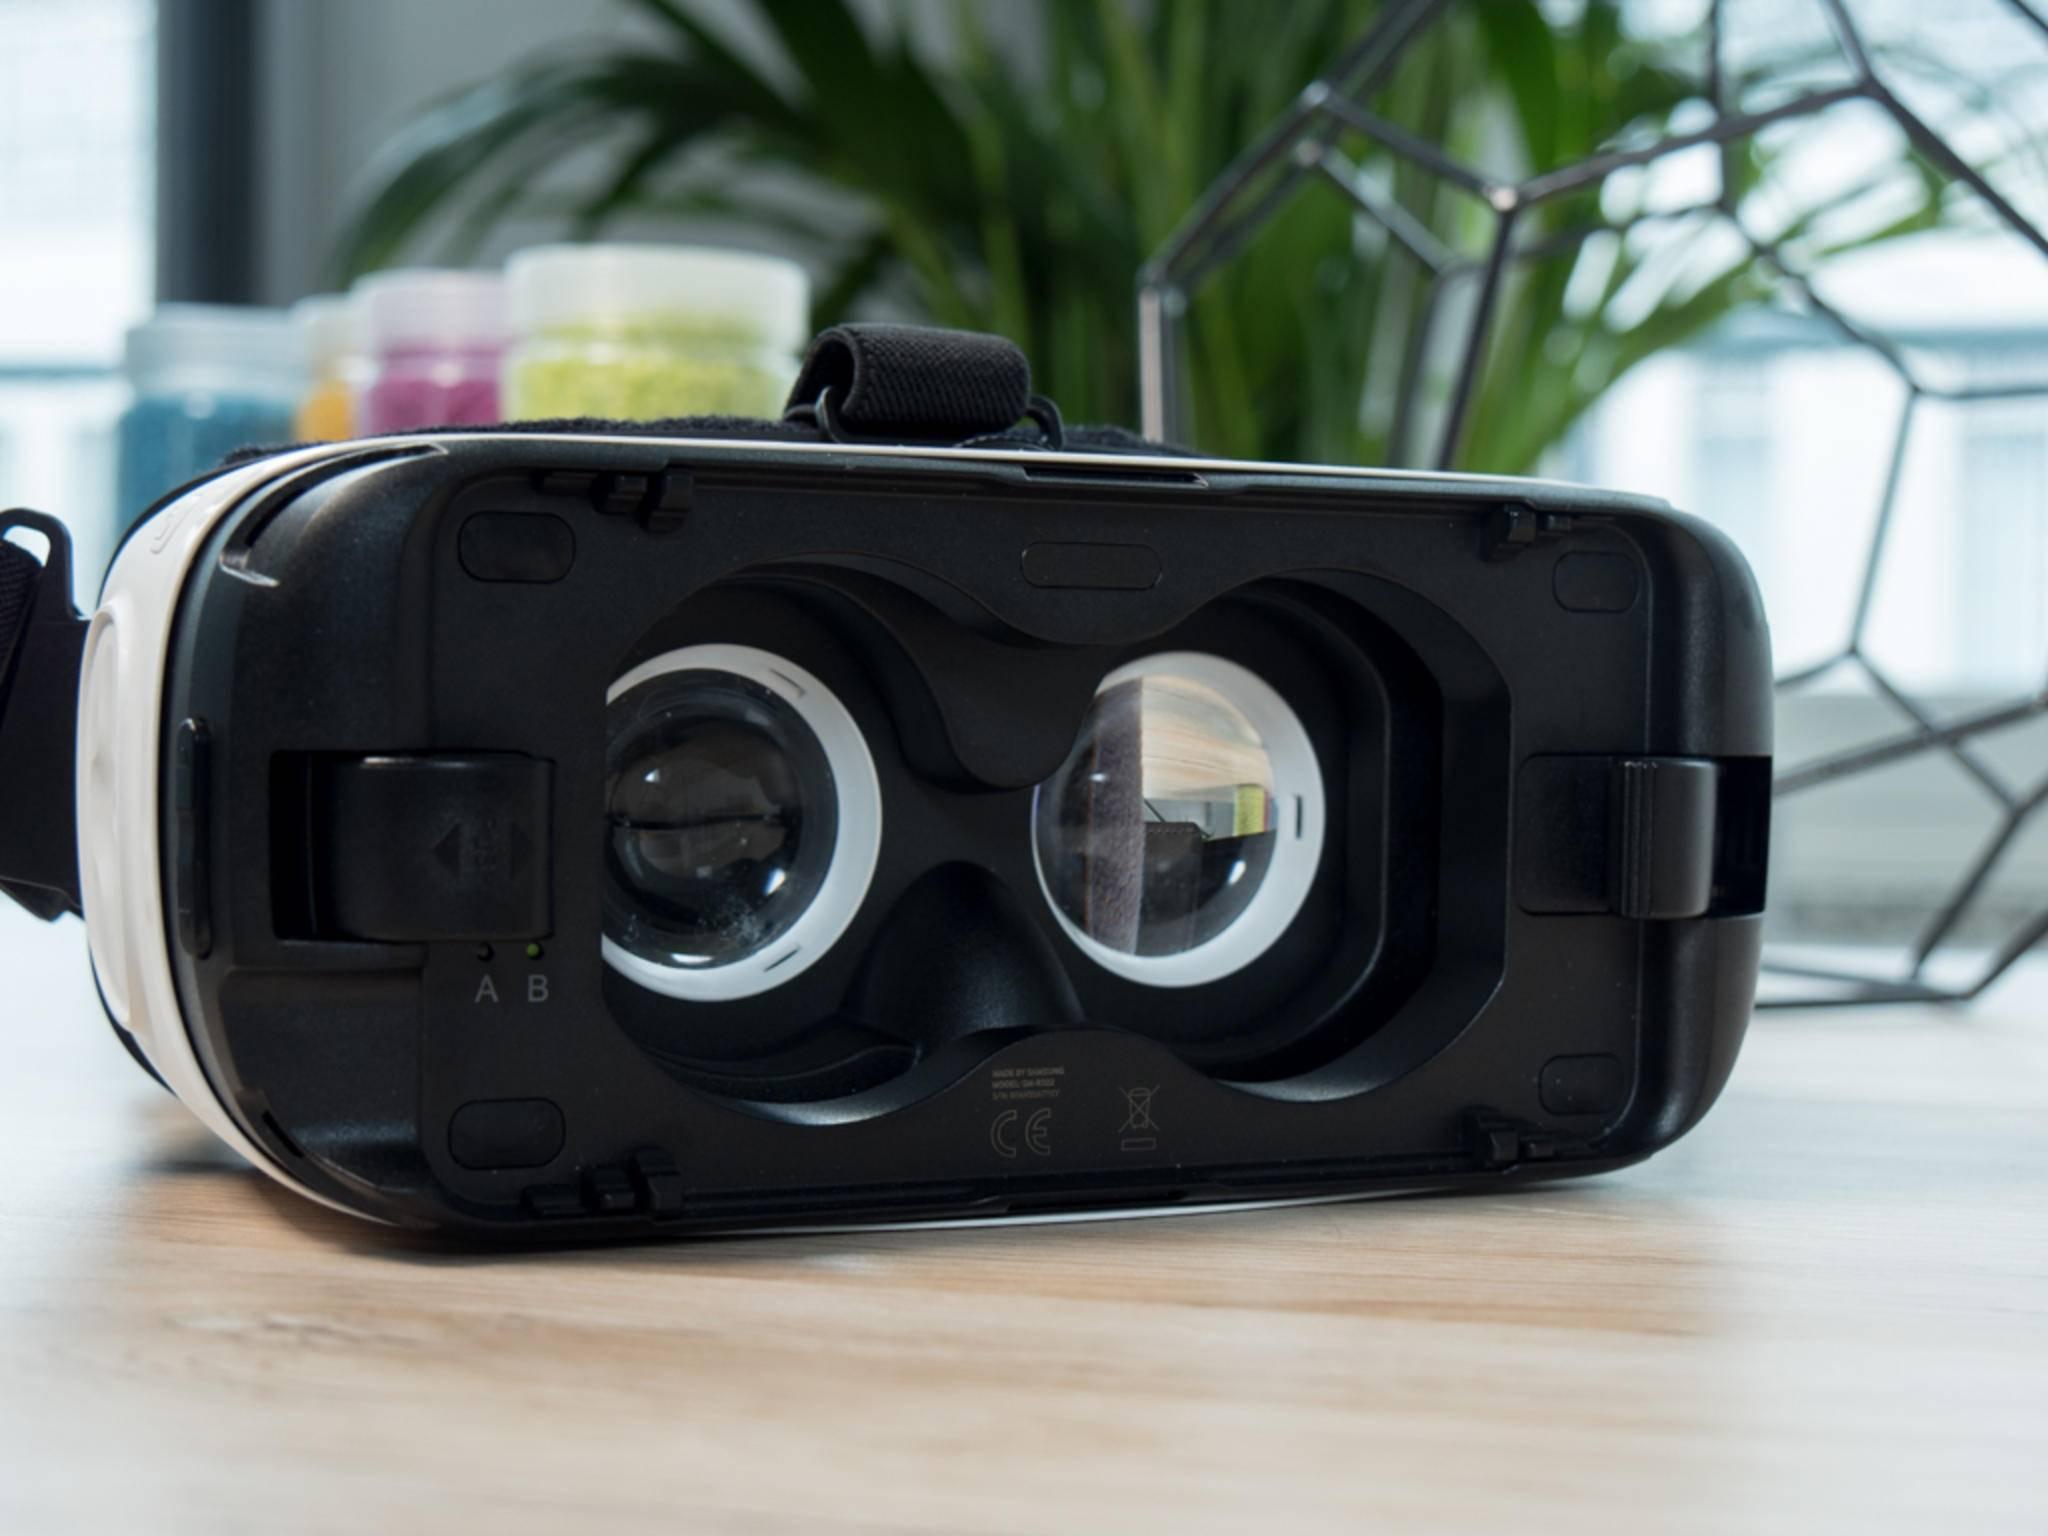 Die Gear VR hat ein Fach für das Einschieben eines Galaxy-S-Smartphones der sechsten oder siebten Generation.